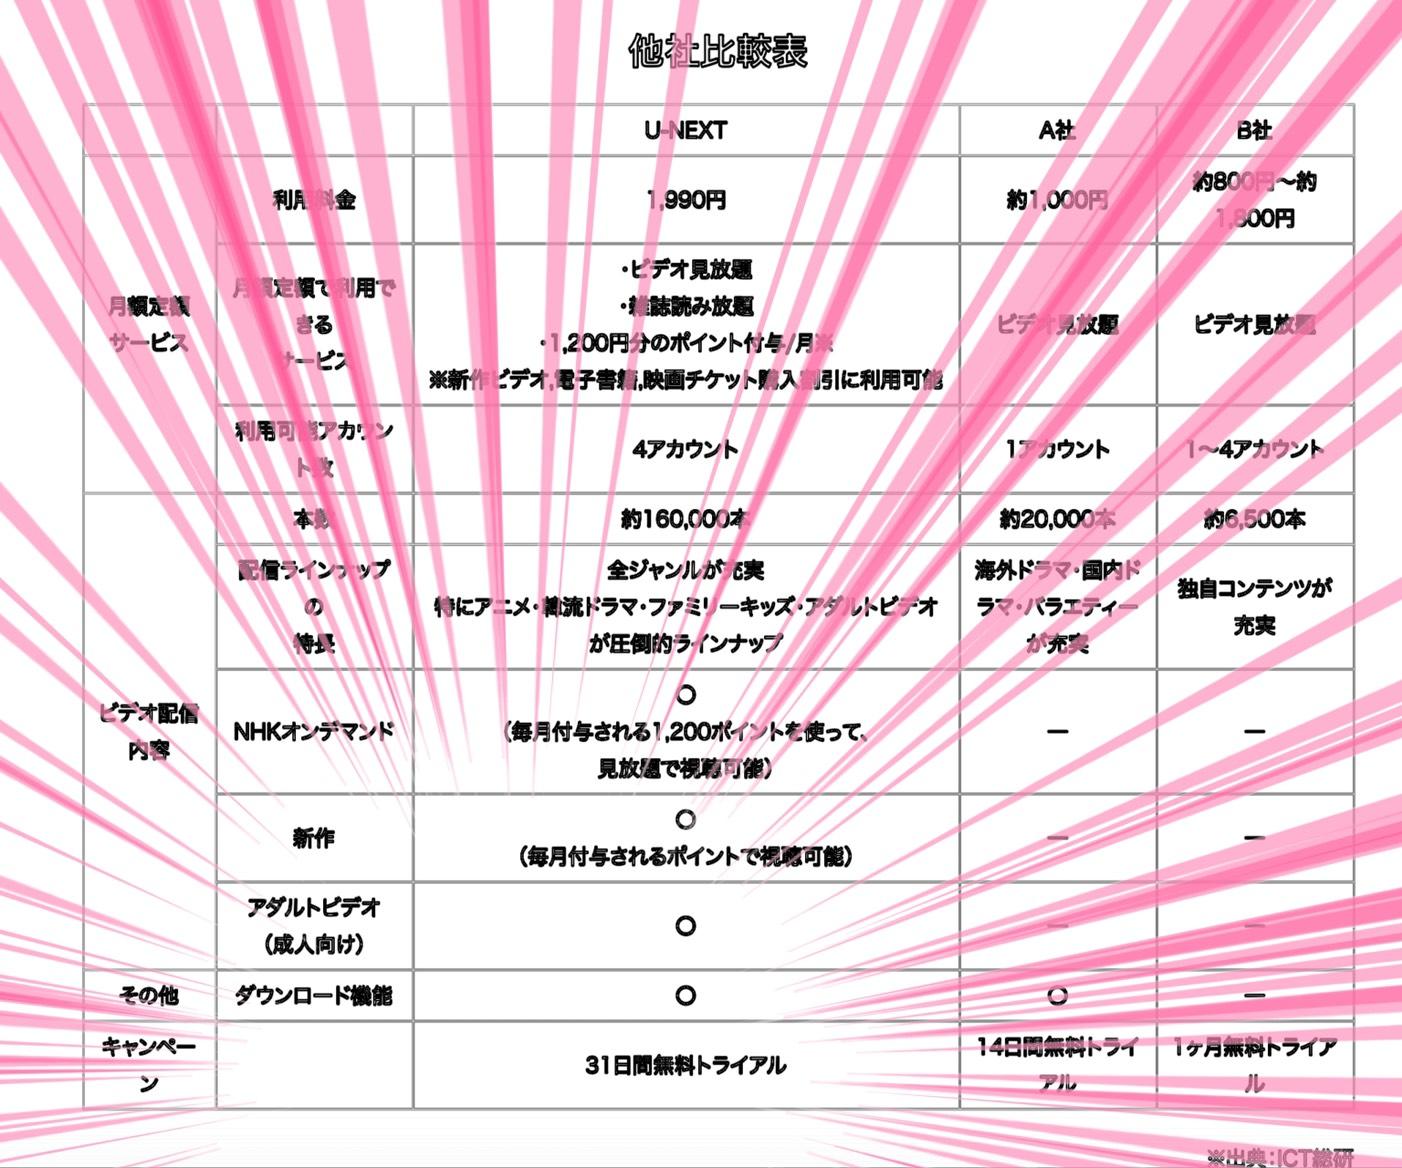 U-NEXT アダルト動画 エロ動画